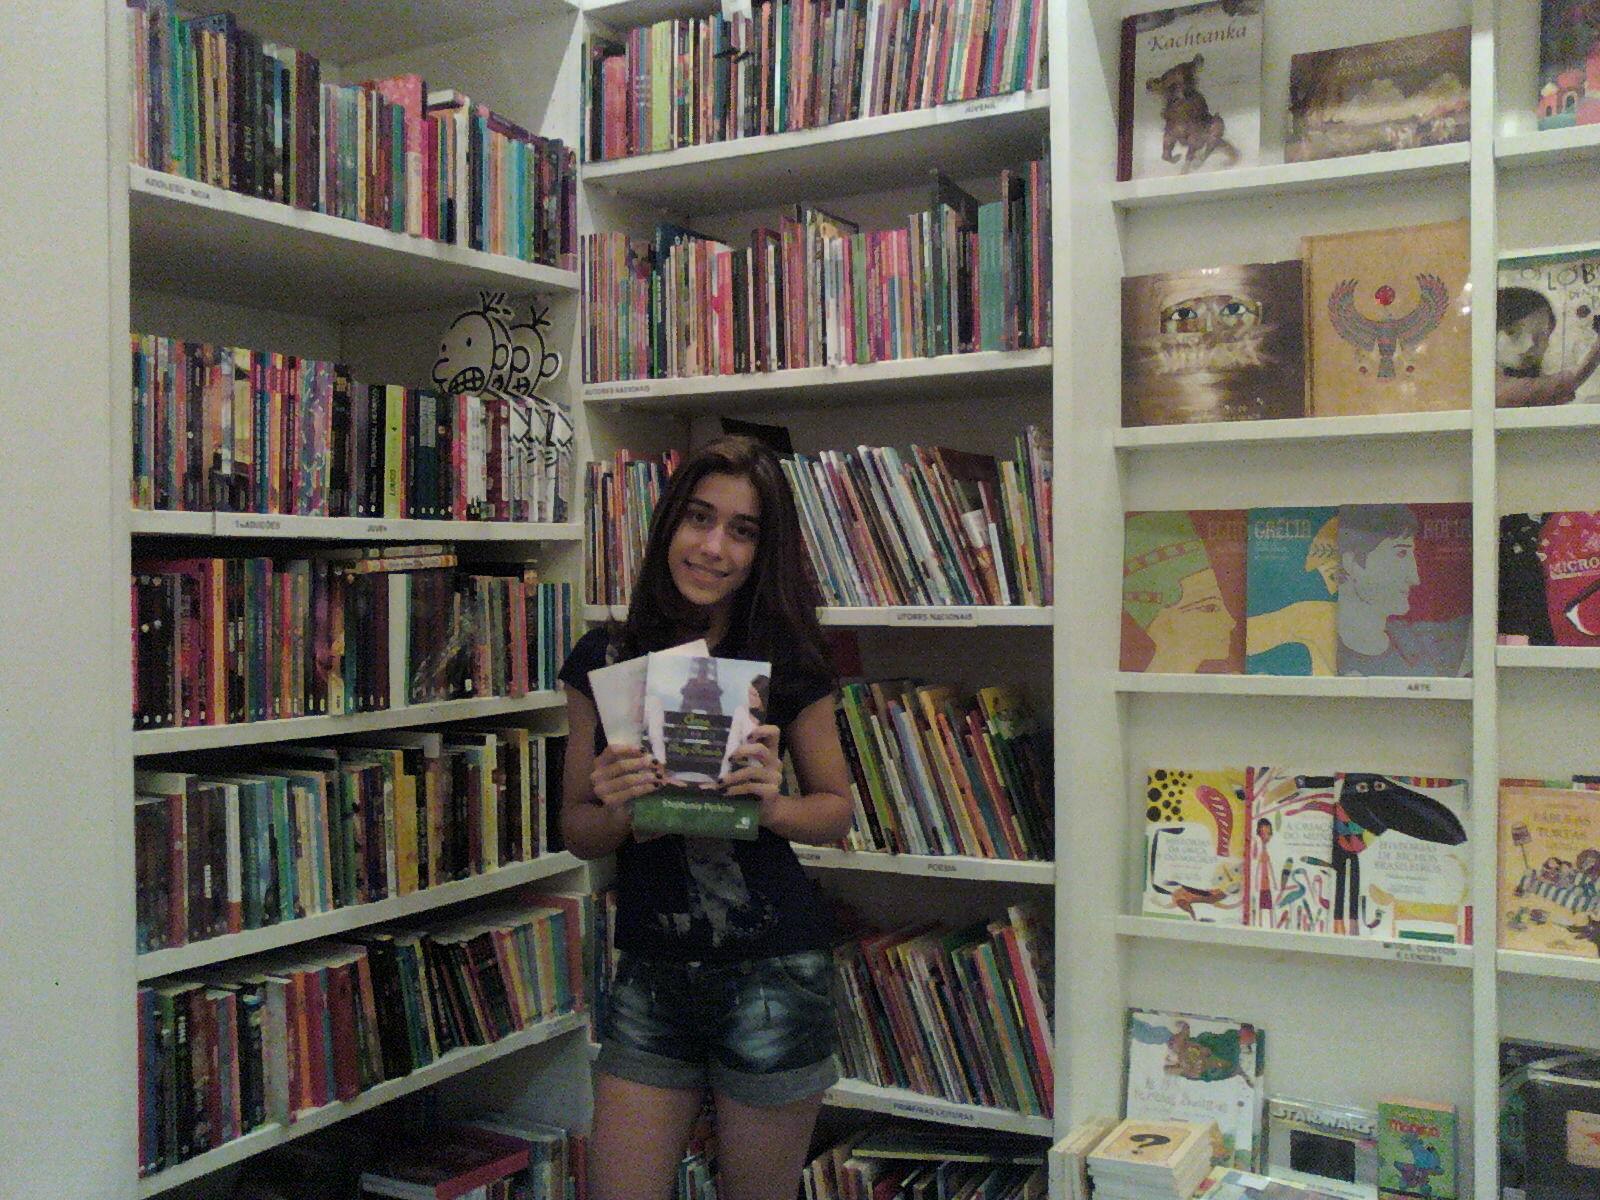 Face dos Livros: [Booknews] Um passeio pela livraria Blook #7D634E 1600x1200